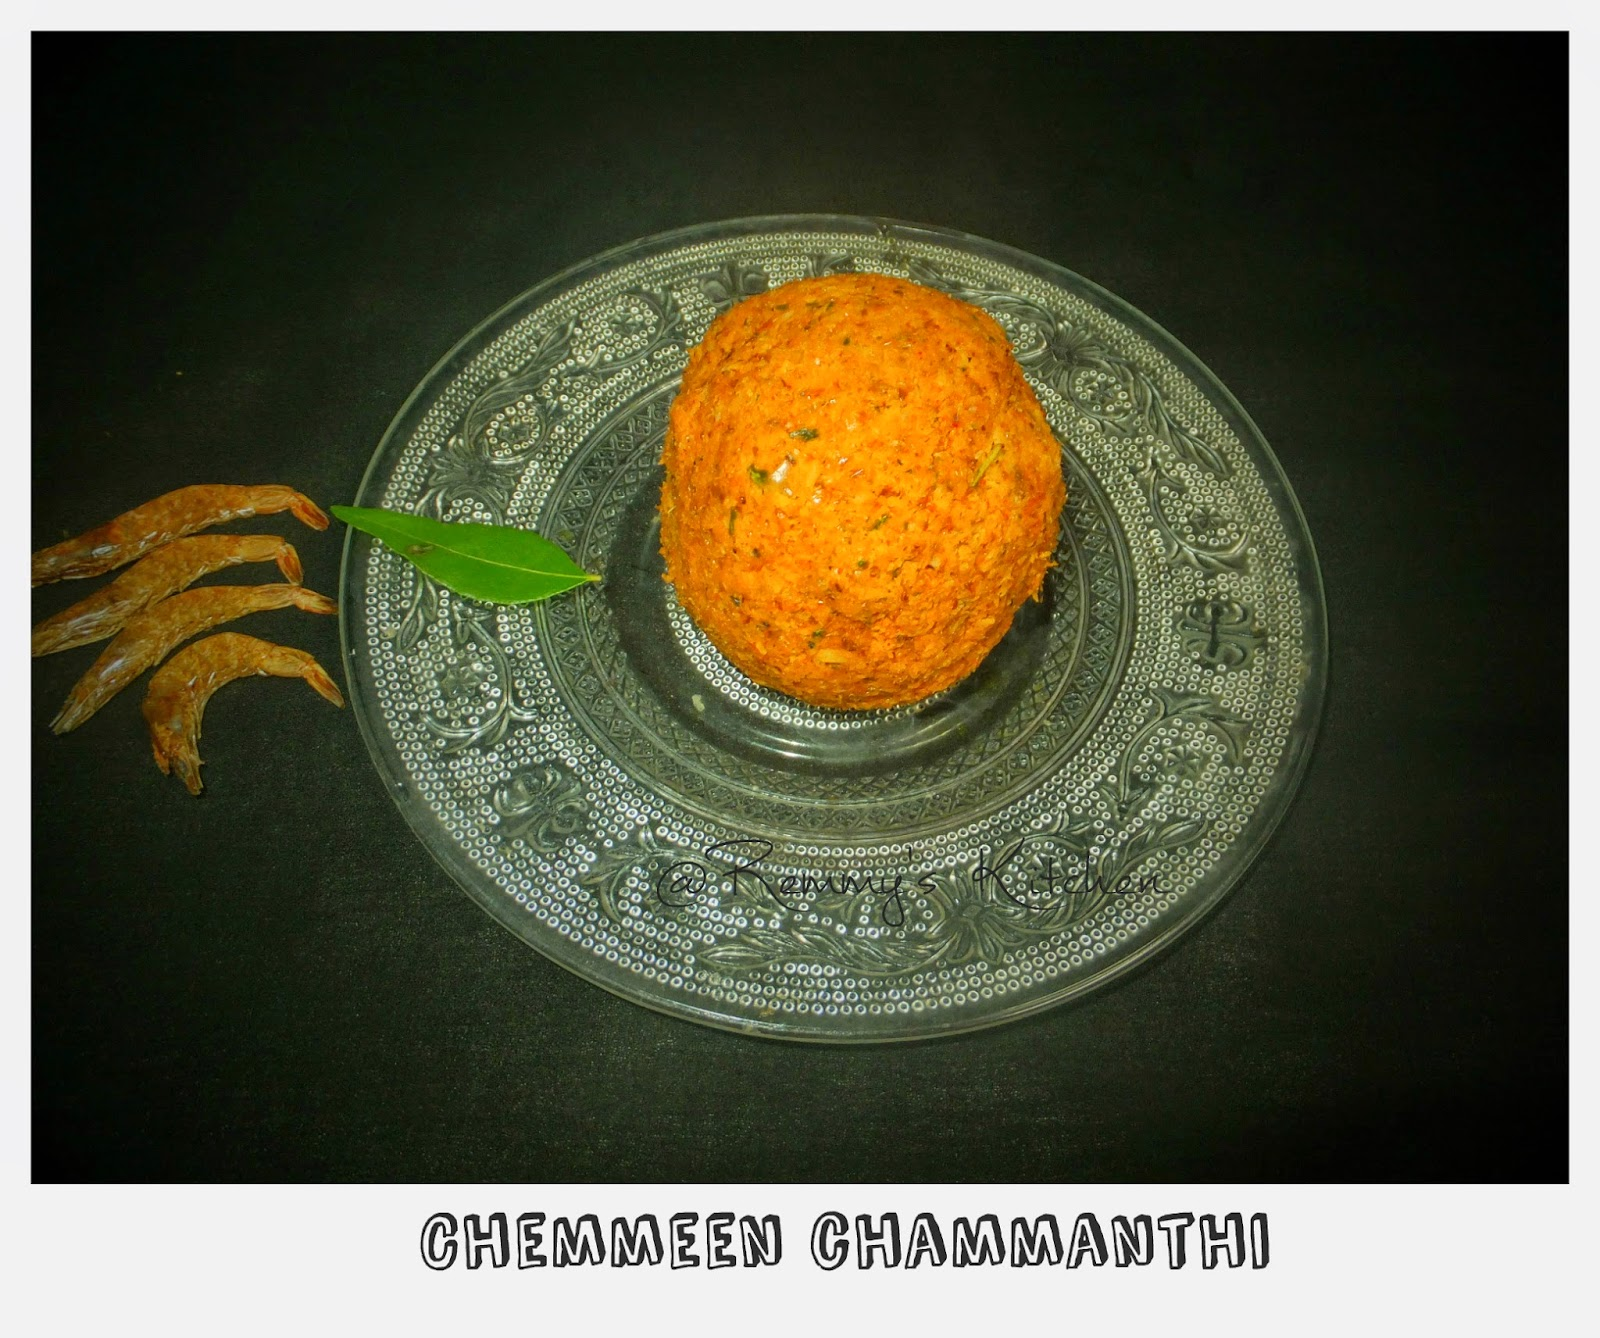 Unakka chemmeen chammanthi/Dry prawn chutney